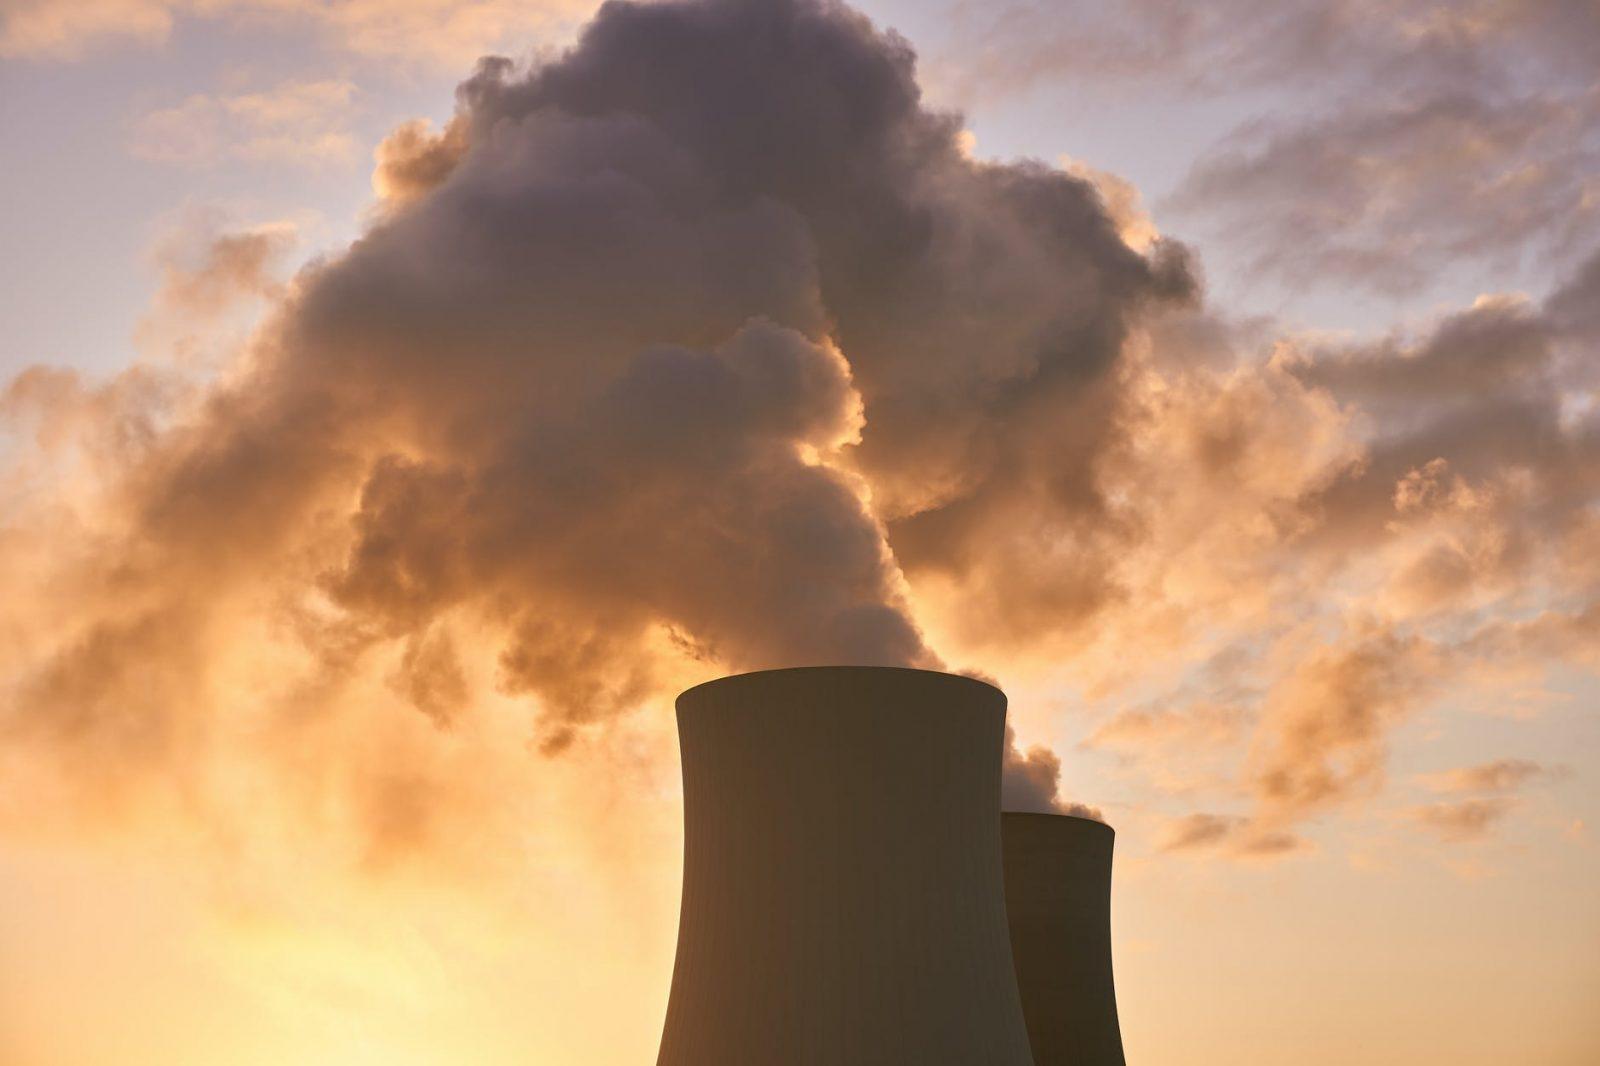 Znečistenie ovzdušia znižuje priemernú dĺžku života až o tri roky